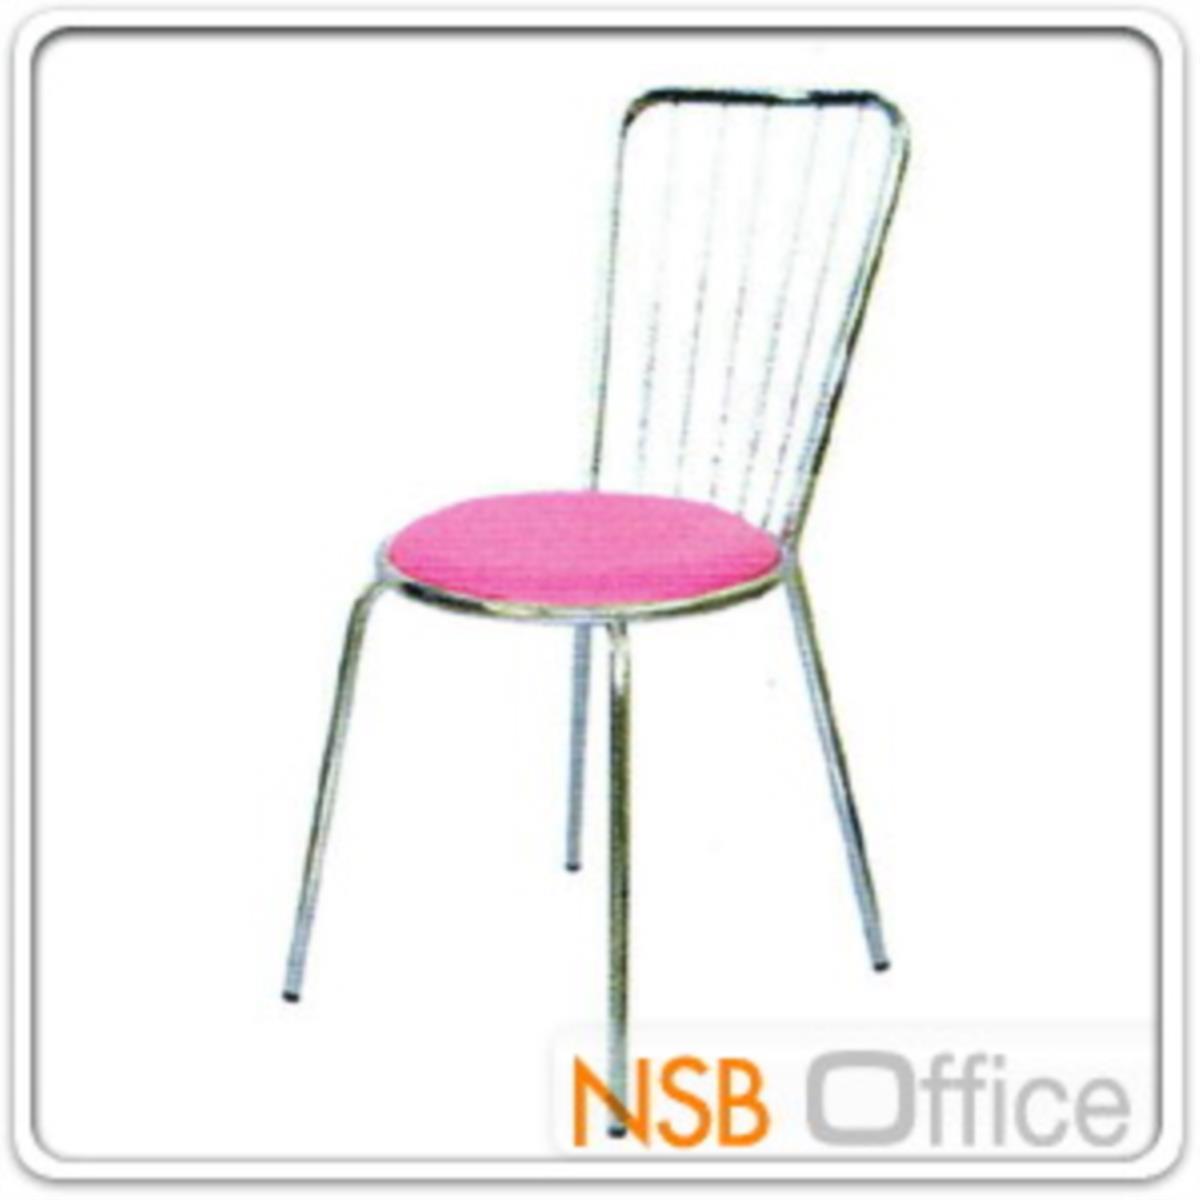 เก้าอี้อเนกประสงค์เหล็ก รุ่น CM-007 ขาเหล็ก